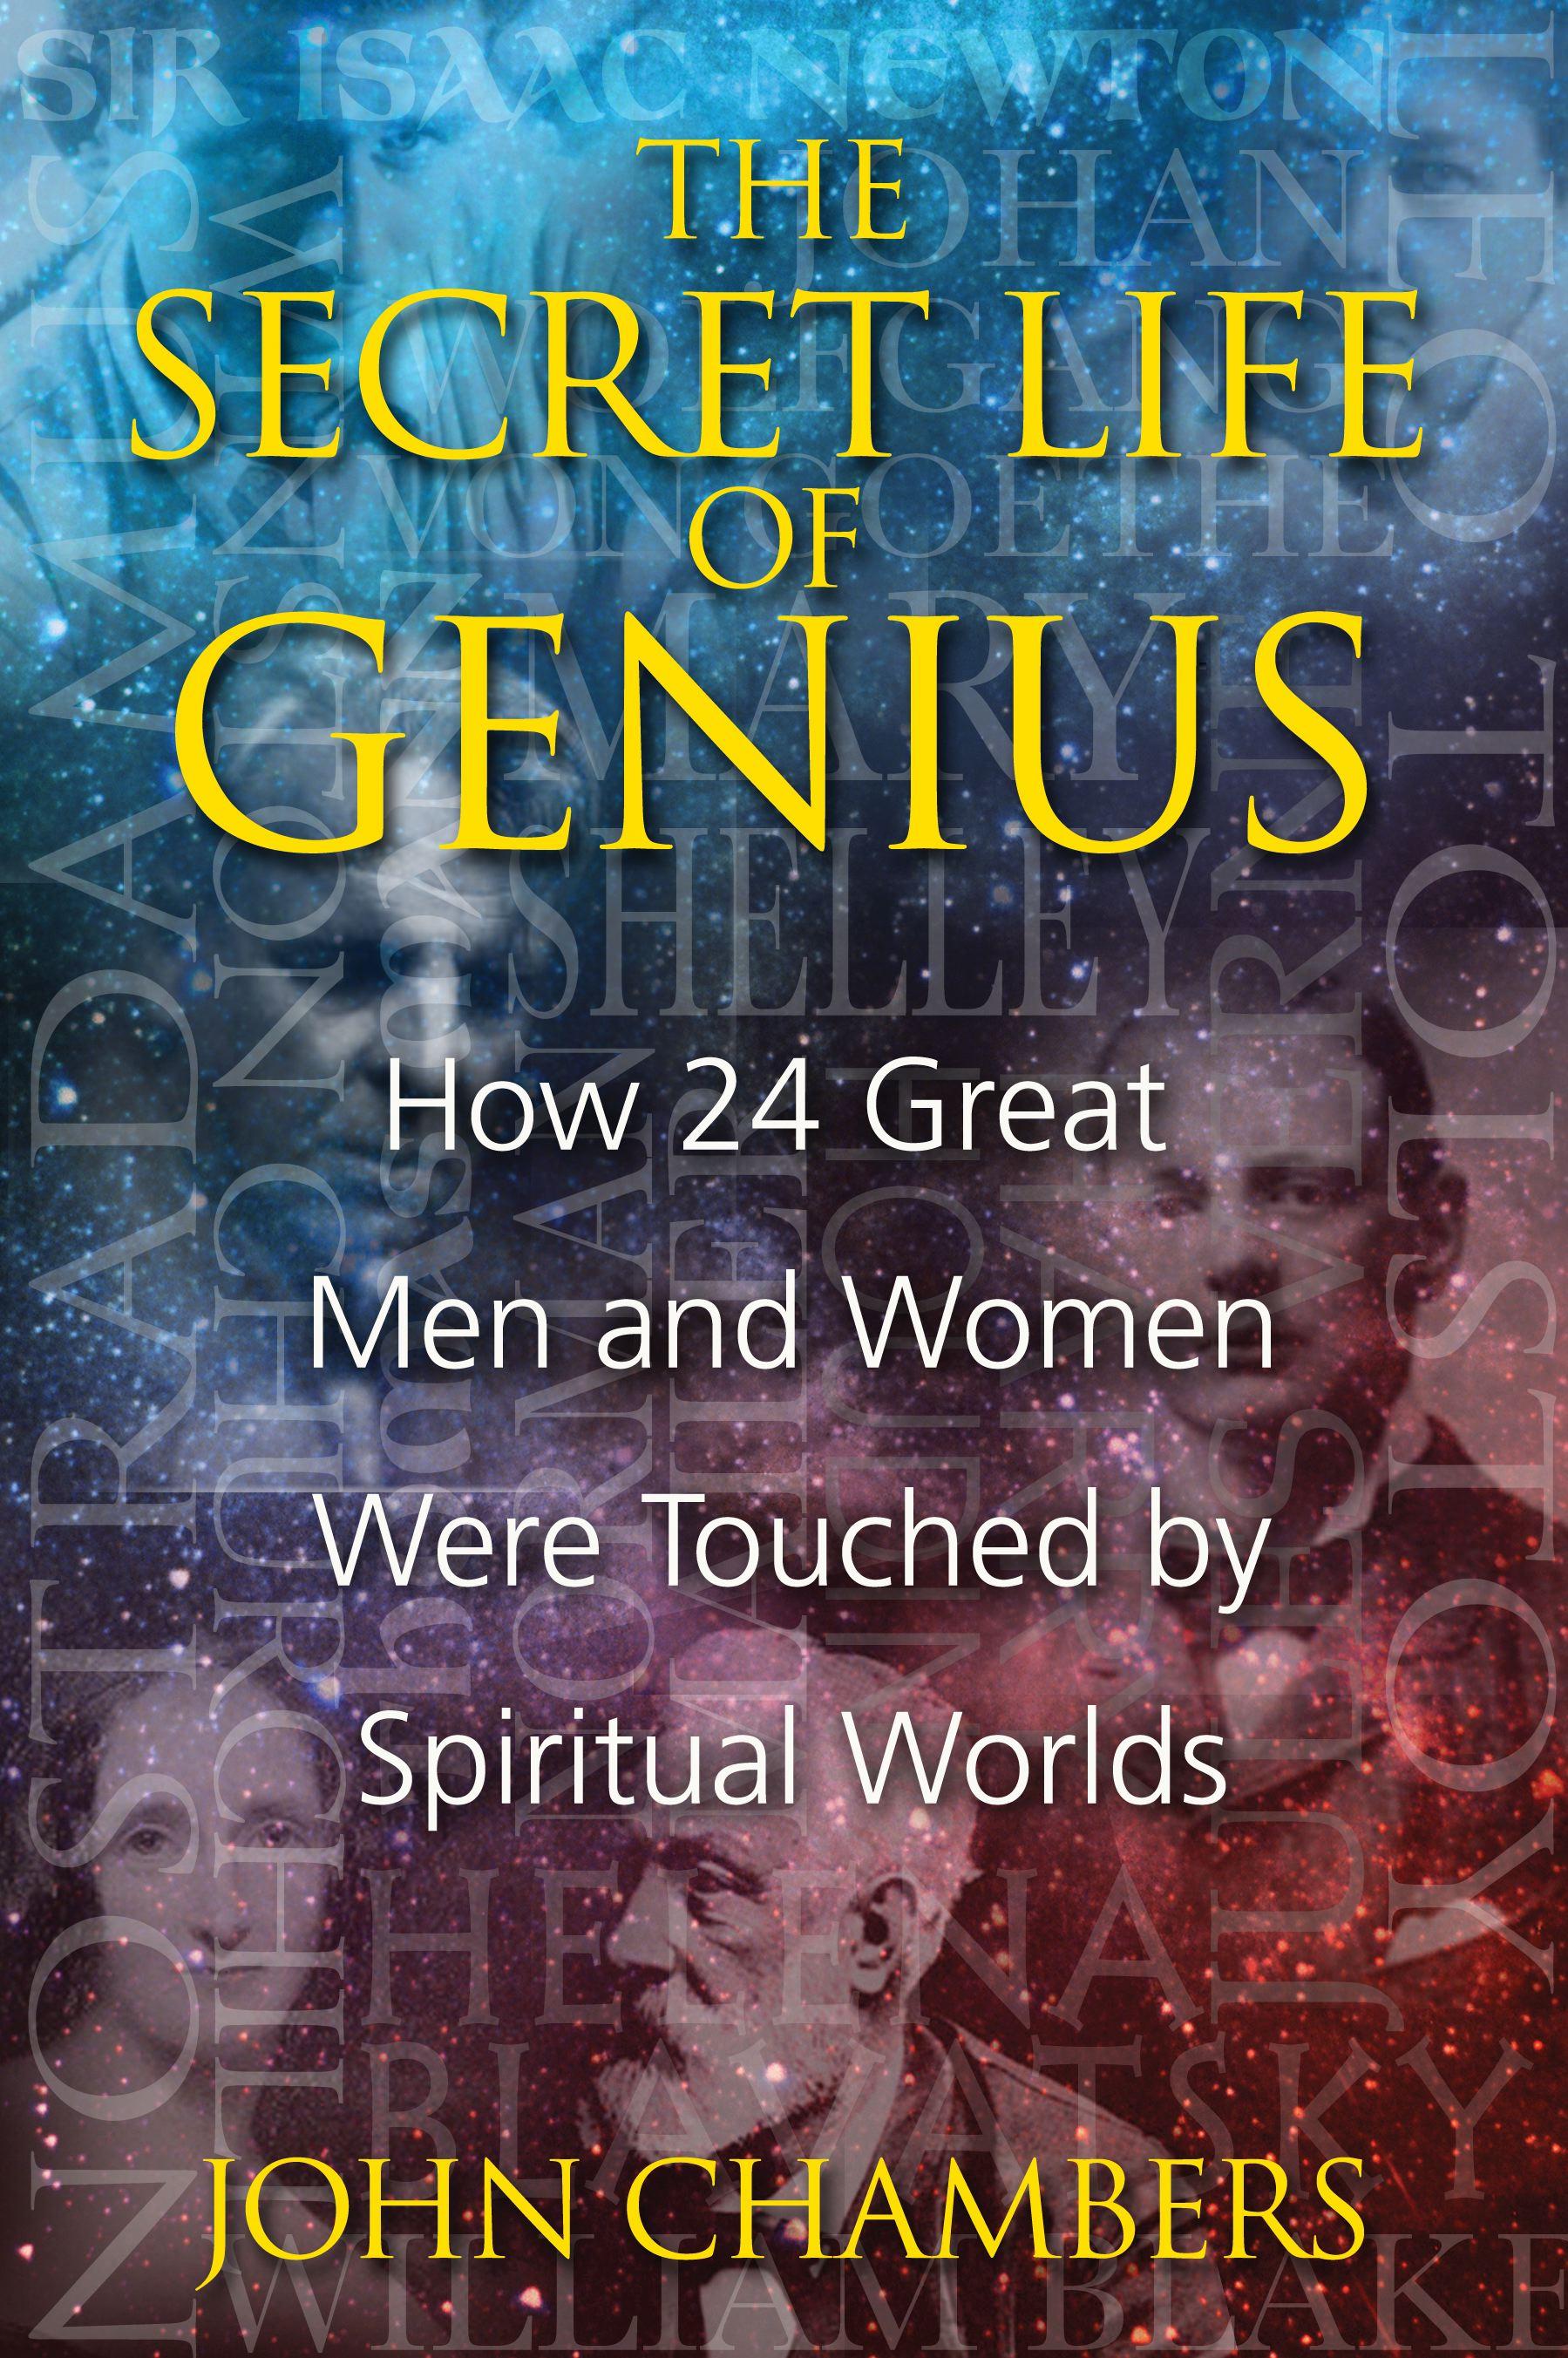 The secret life of genius 9781594772726 hr